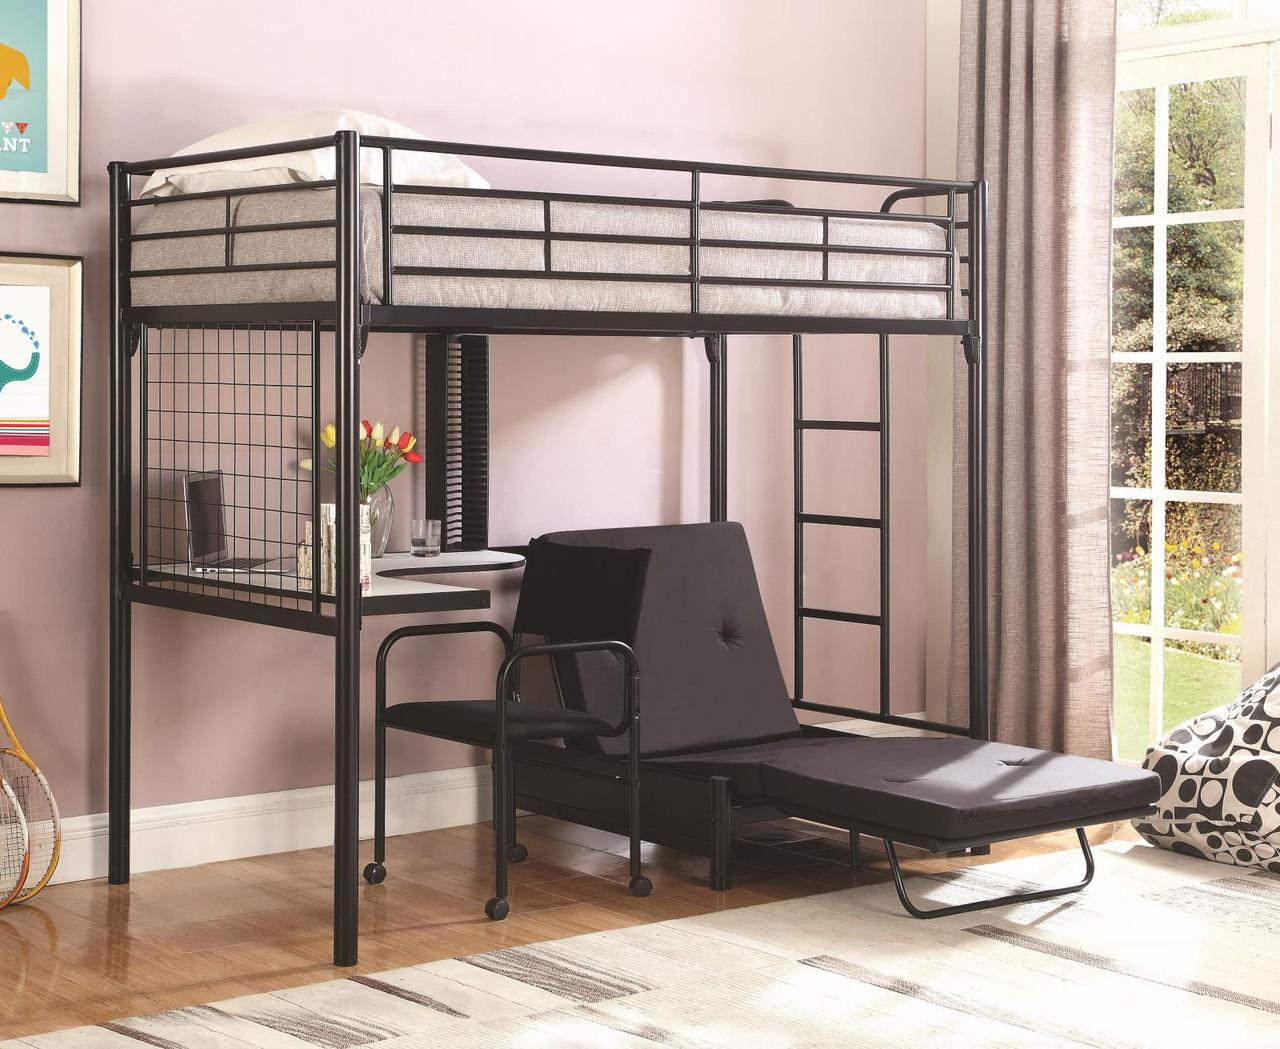 Jenner Workstation Loft Bed Jenner Twin Futon Workstation Loft Bed Black 2209 At Altman S Billiards And Barstools